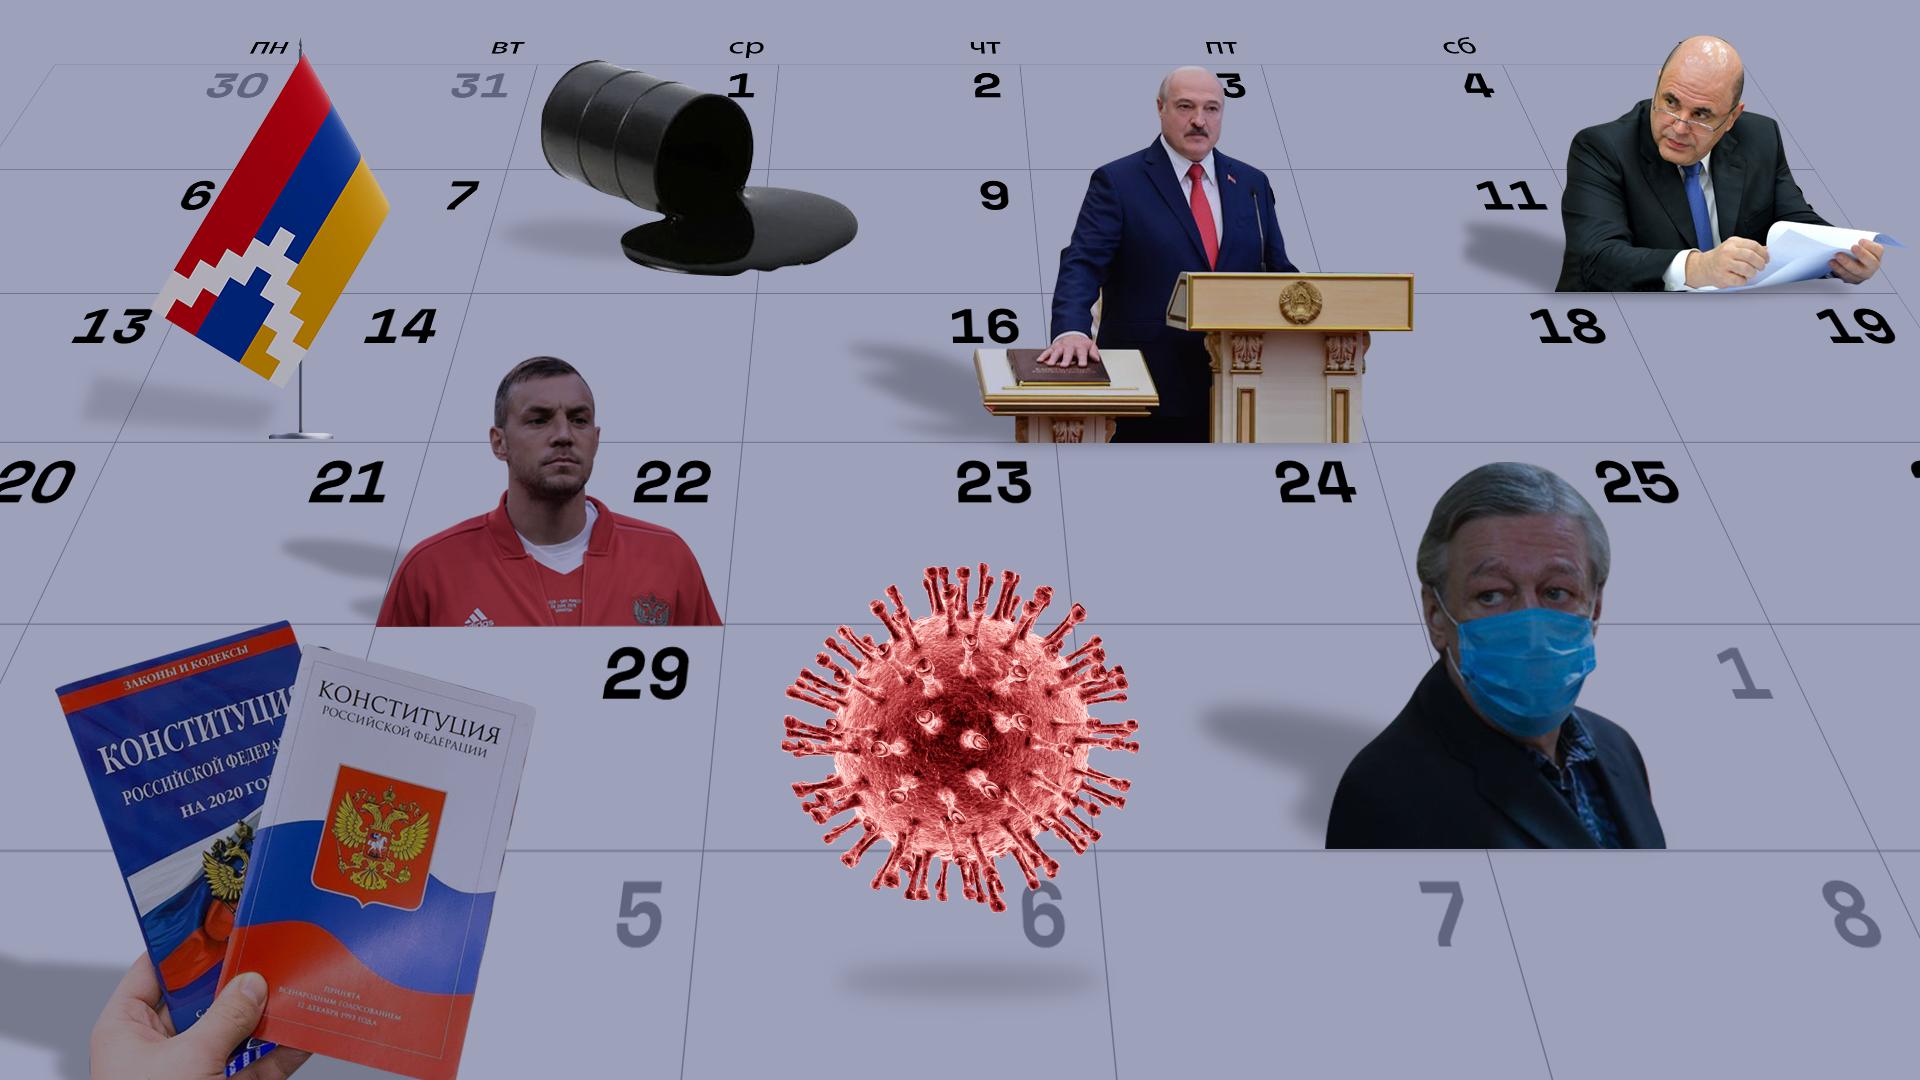 Life года. Календарь главных событий 2020-го